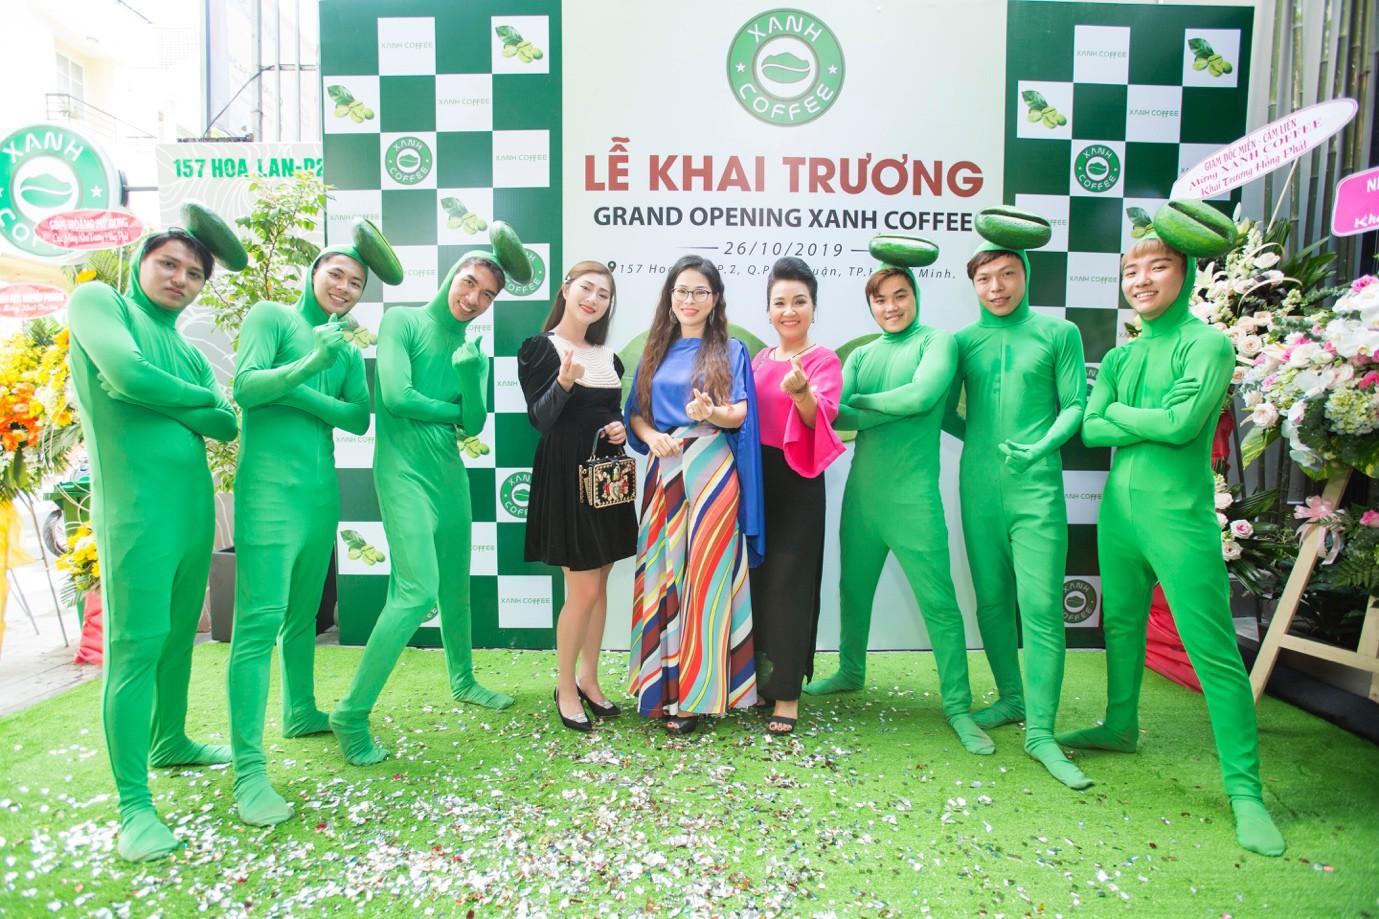 """Xanh Coffee khuấy động ở """"khu phố cà phê"""" Sài Gòn """"hút"""" nhiều nghệ sĩ Việt - Ảnh 2."""